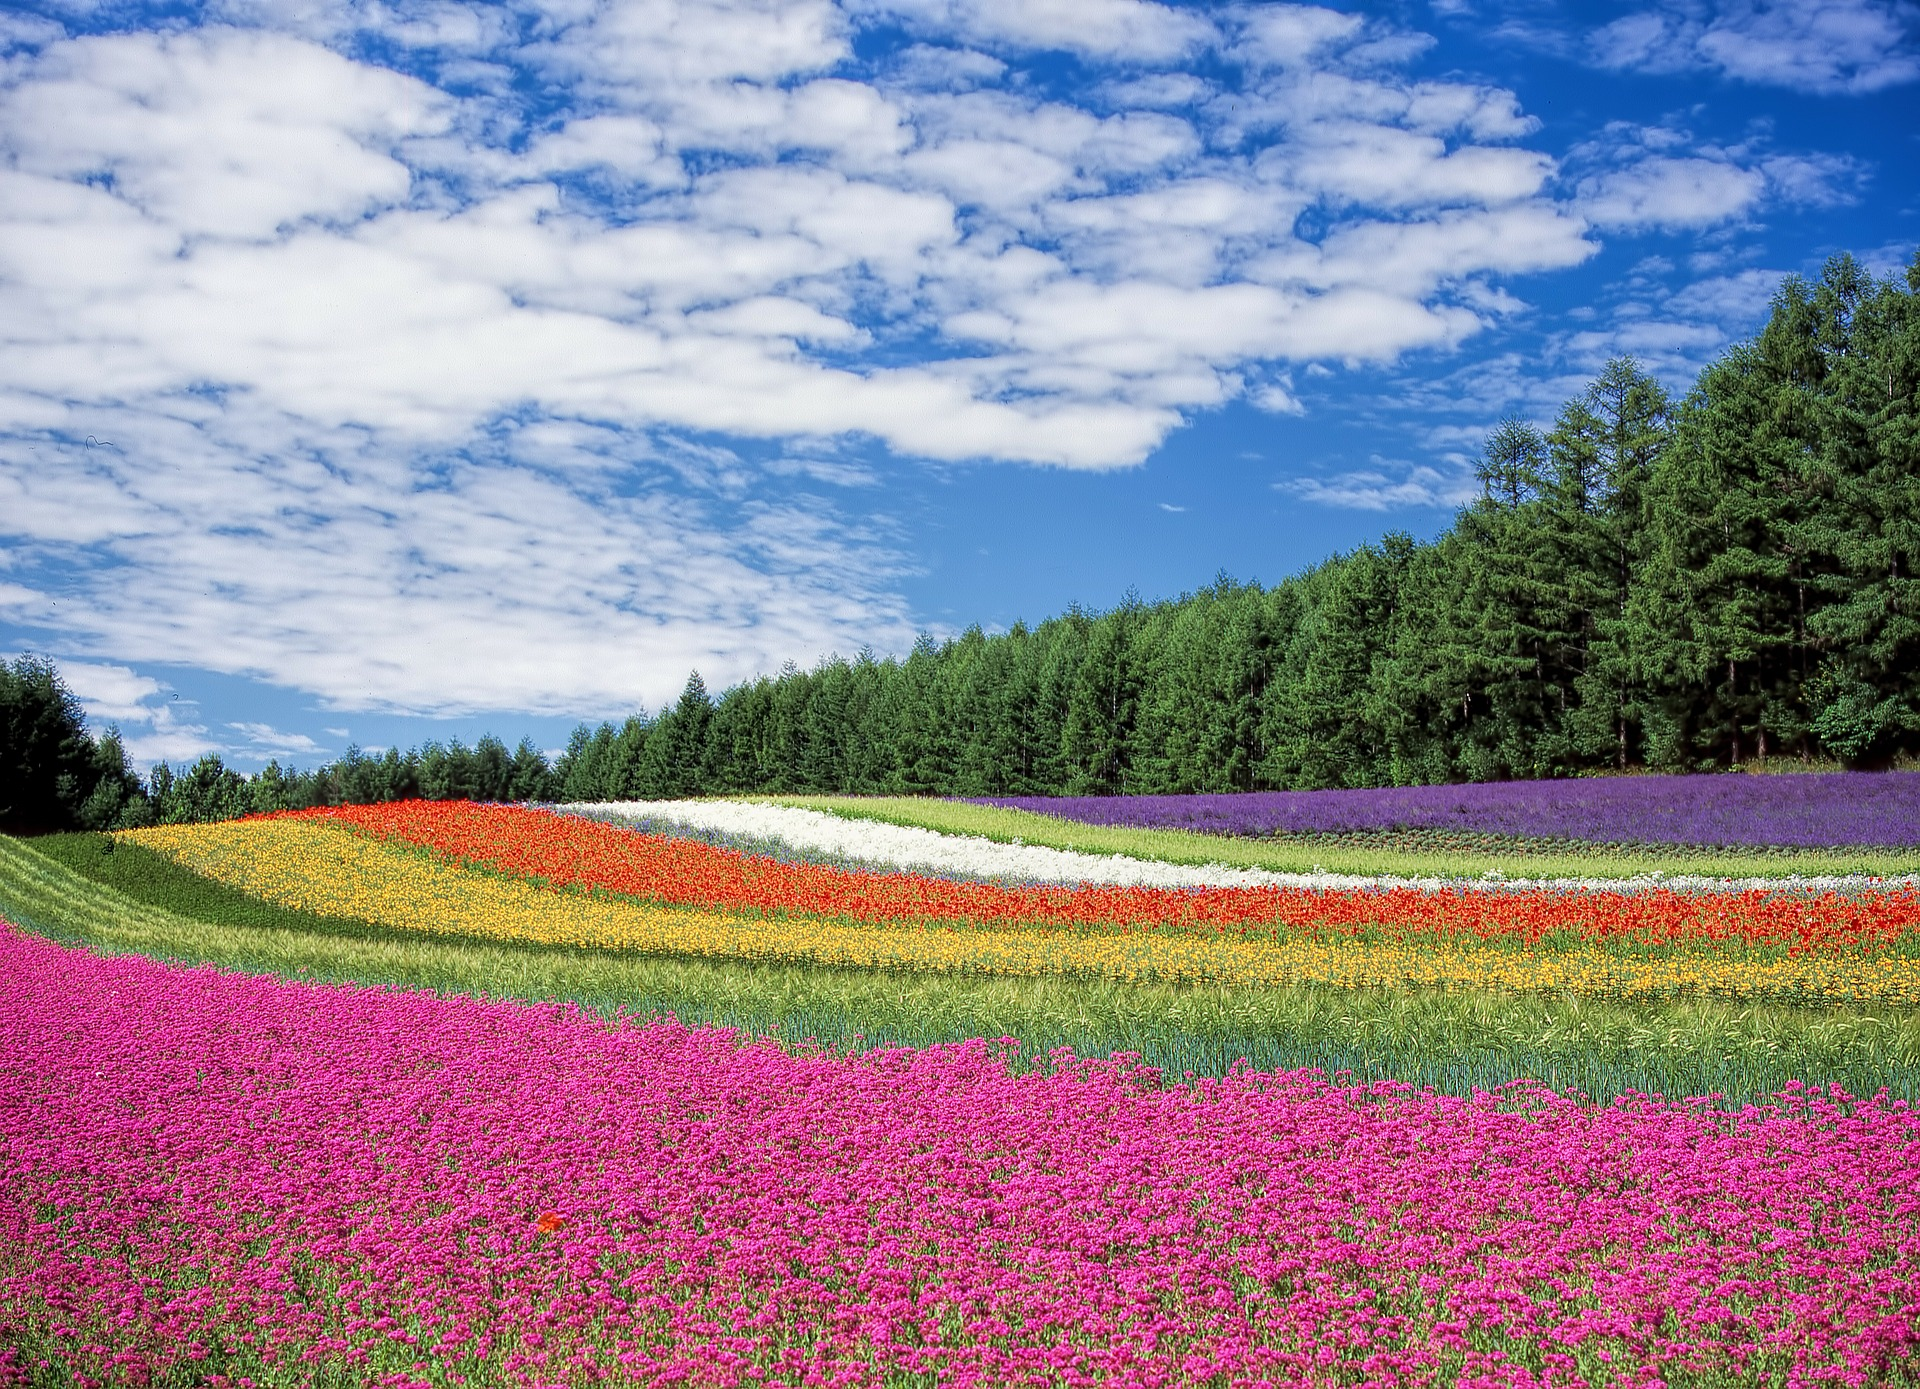 Nature, champ de fleurs © Pixabay CC0 - DeltaWorks